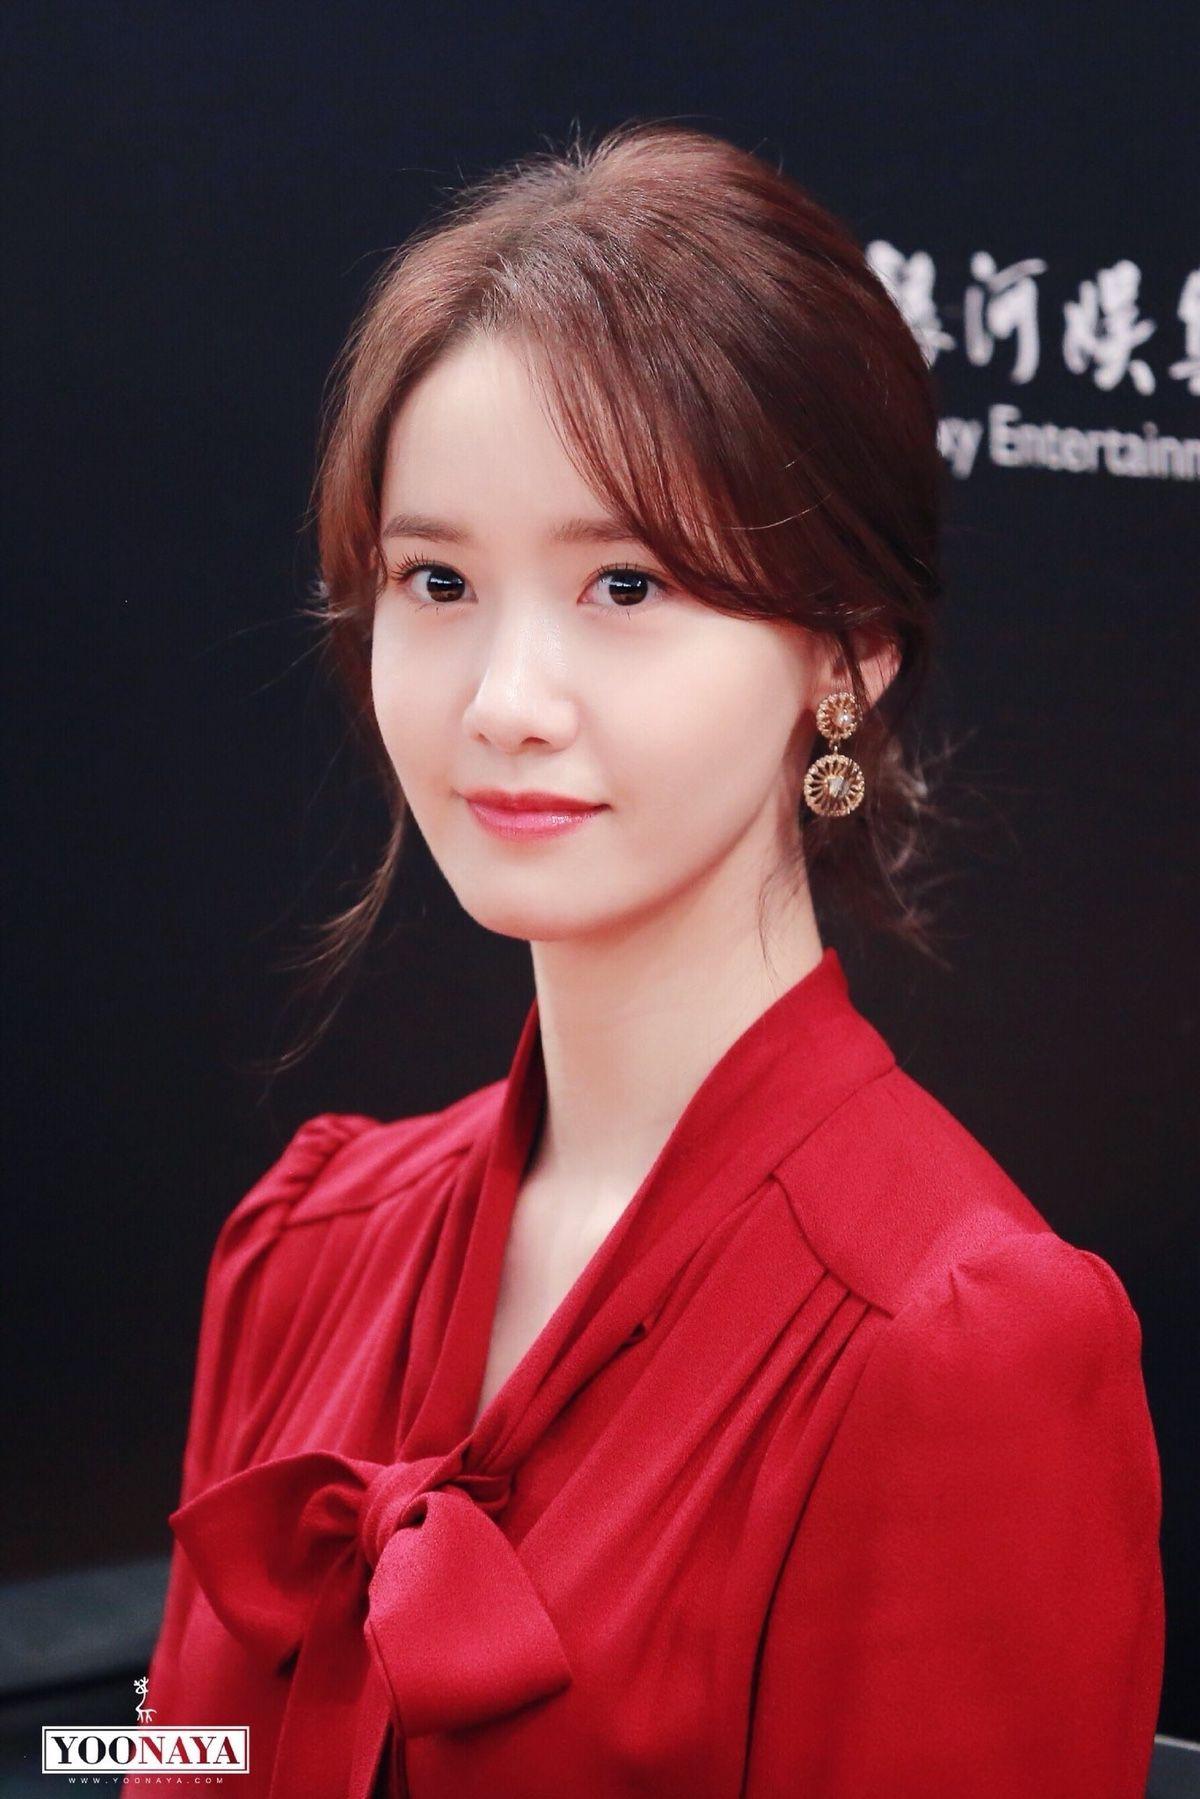 Bị chê có quá nhiều khuyết điểm, Yoona chứng minh: Vẻ đẹp vạn người mê nằm ở khí chất! - Ảnh 12.